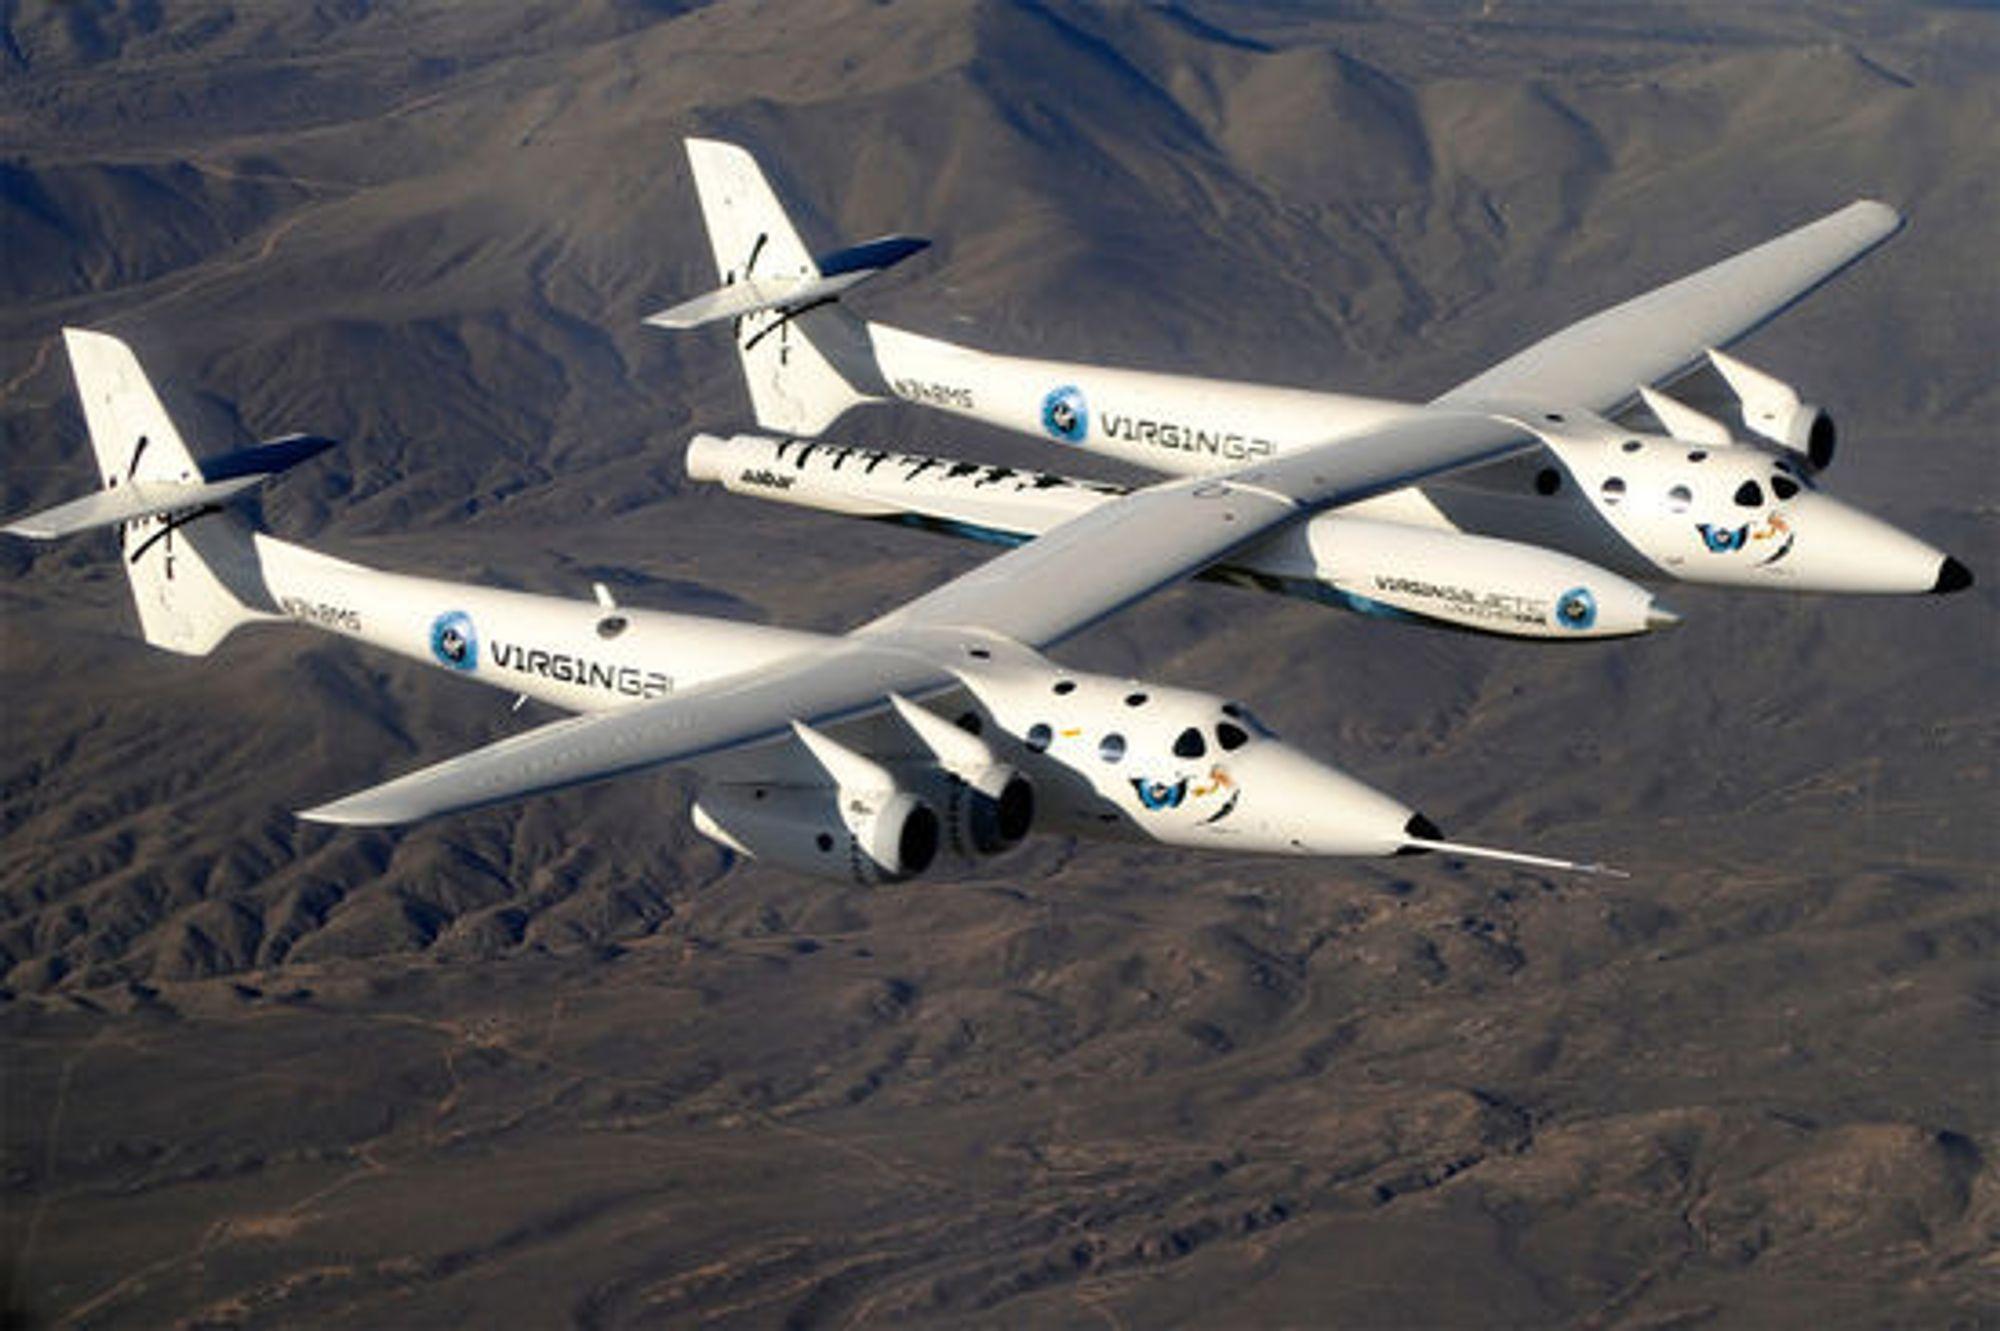 Virgin Galactics LauncherOne, fraktet opp i starthøyde av flyet WhiteKnightTwo.